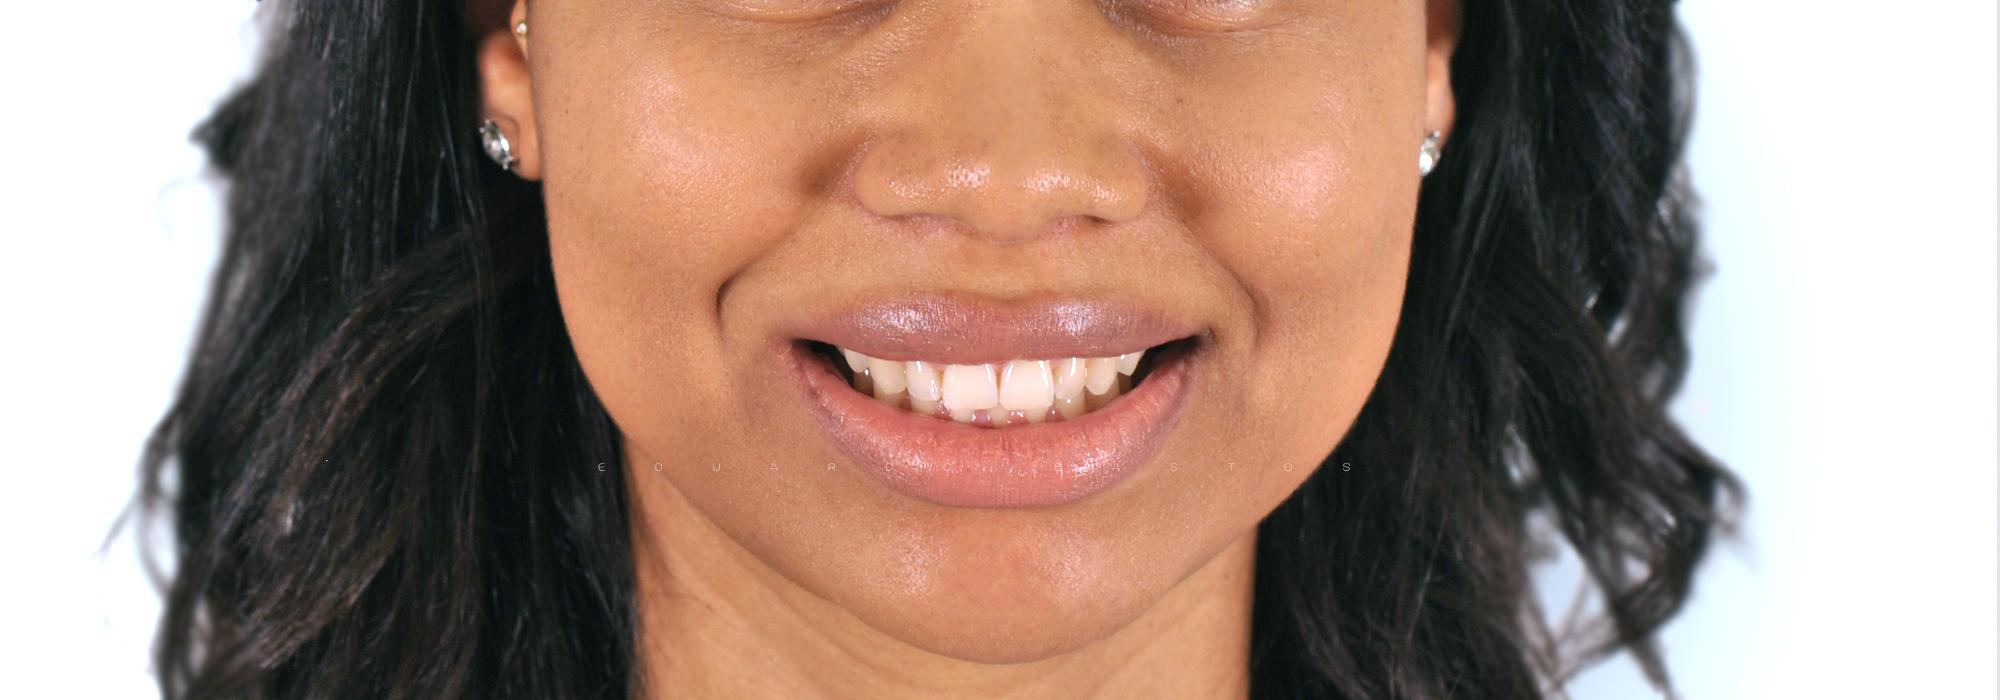 facetas dentárias #6 alexandra morais cara antes_VF